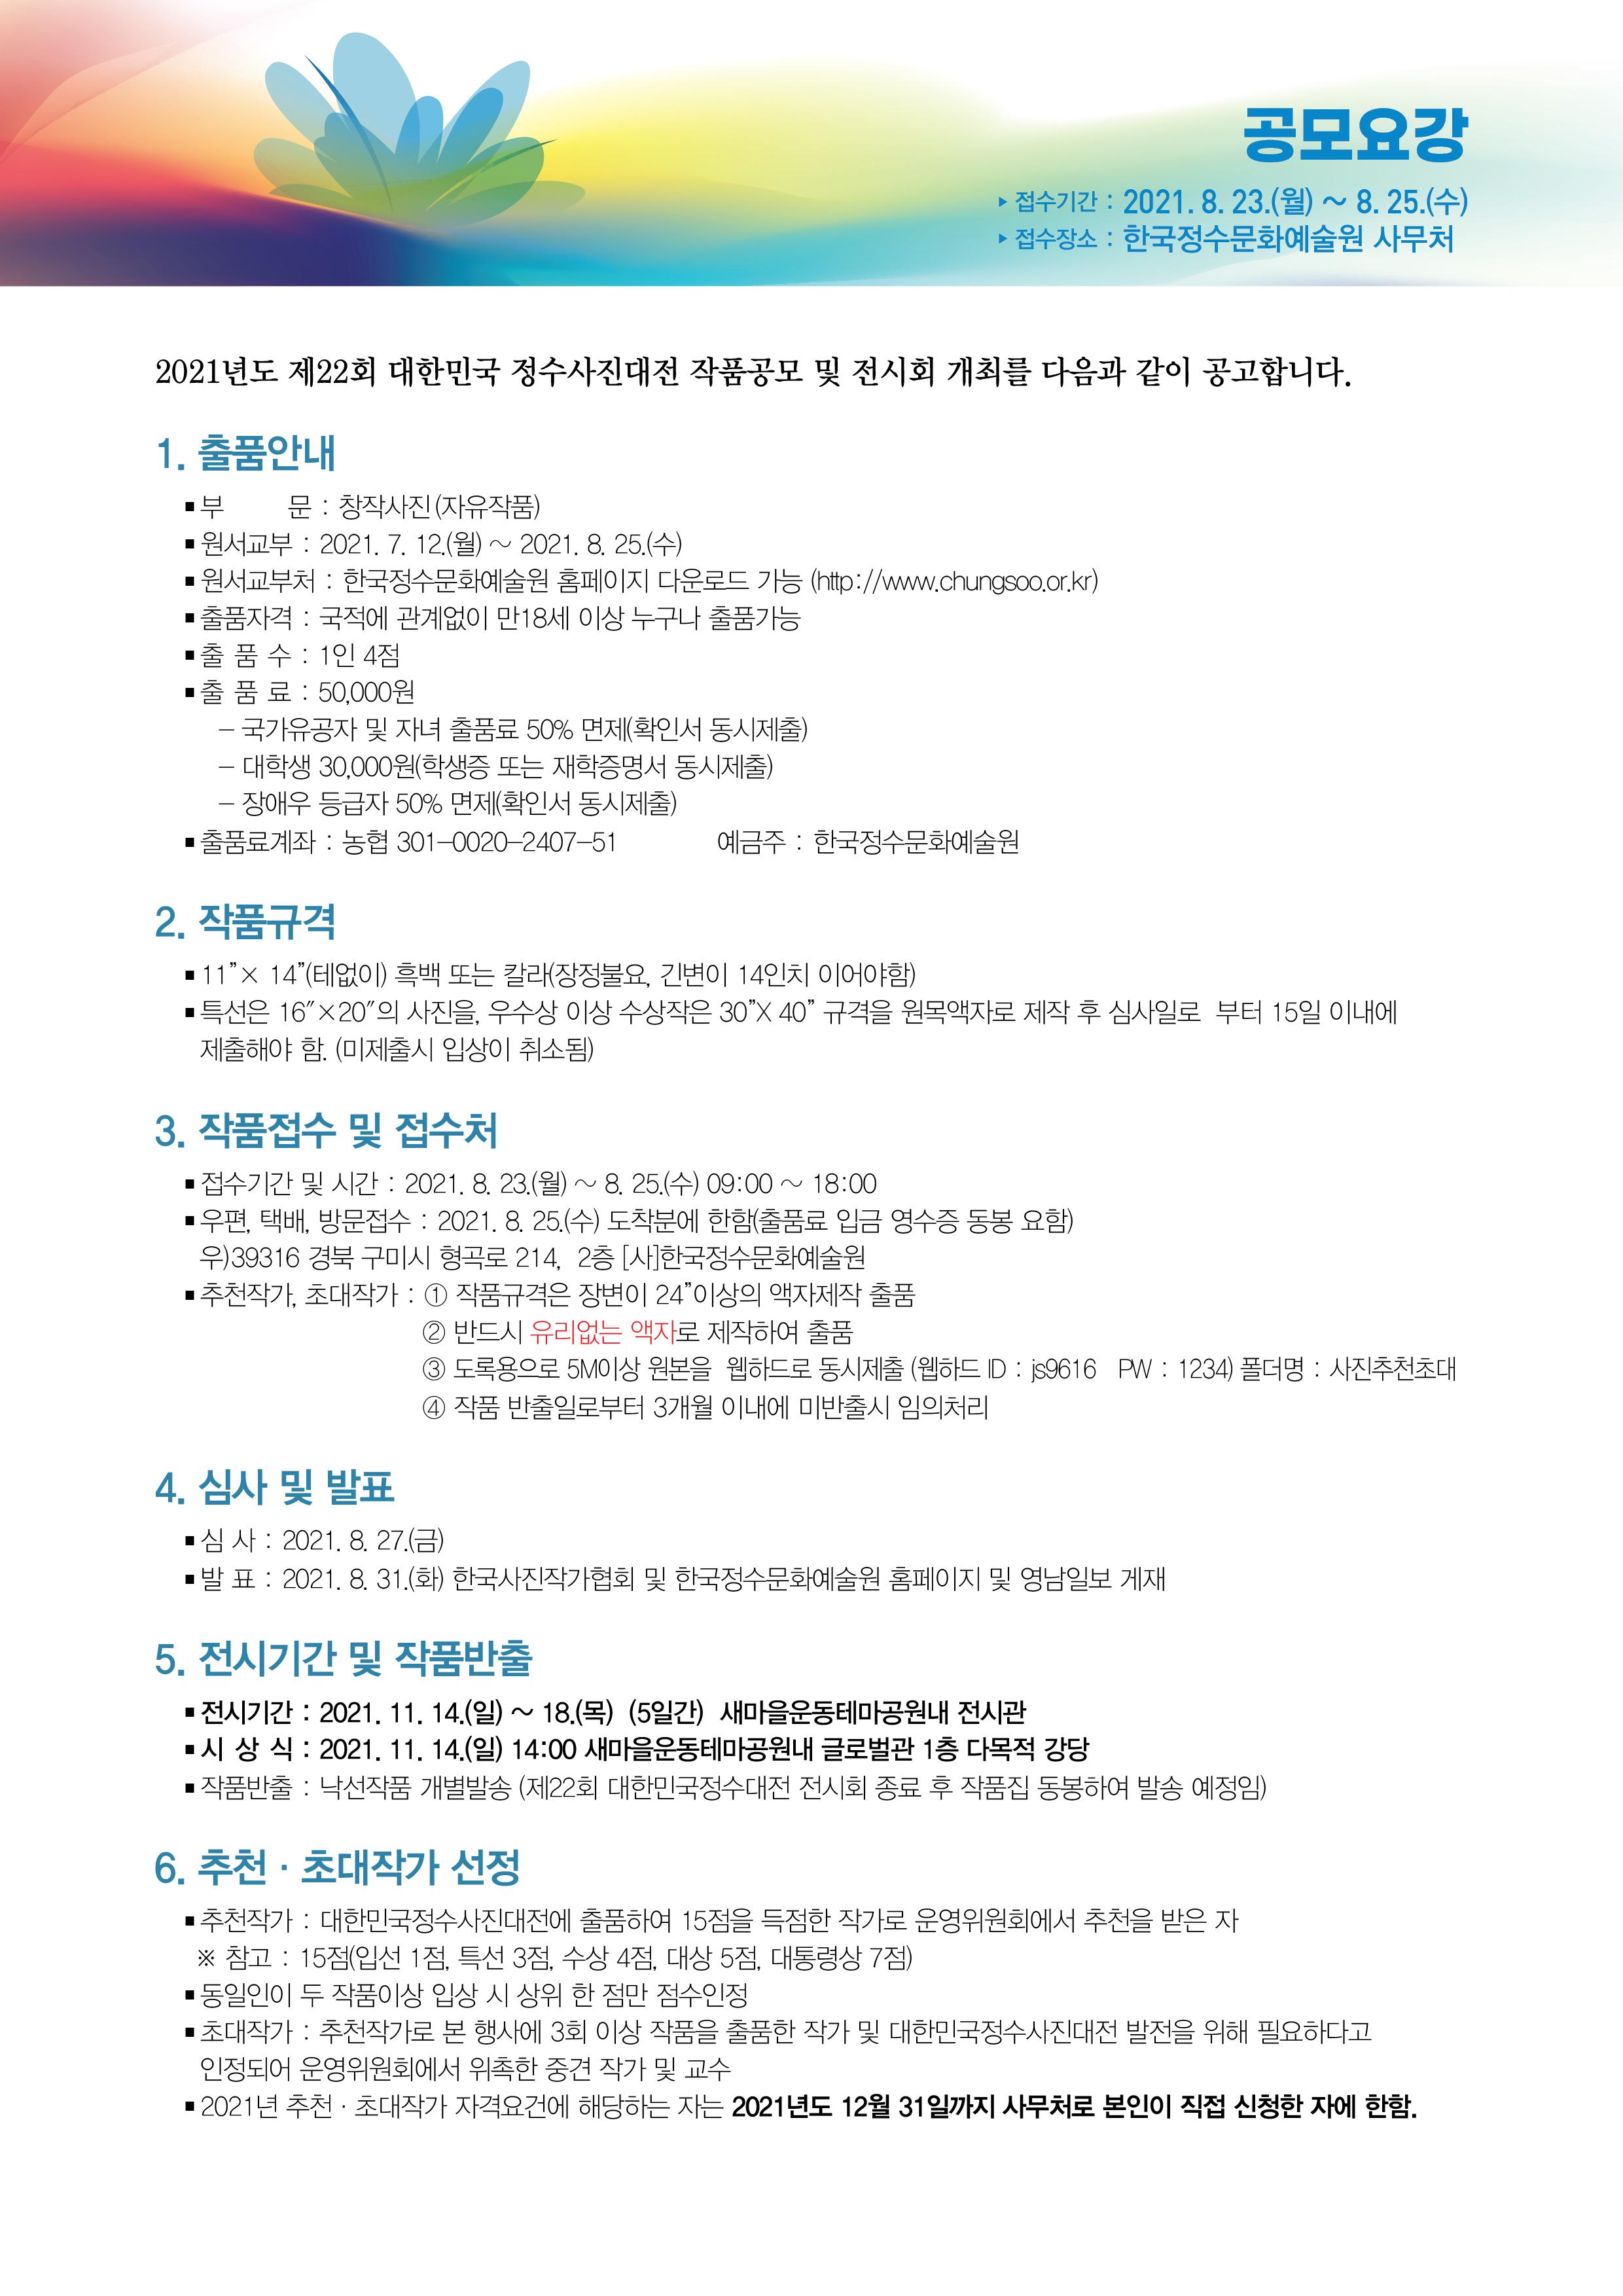 제22회 한국정수 사진대전-공모요강2.jpg